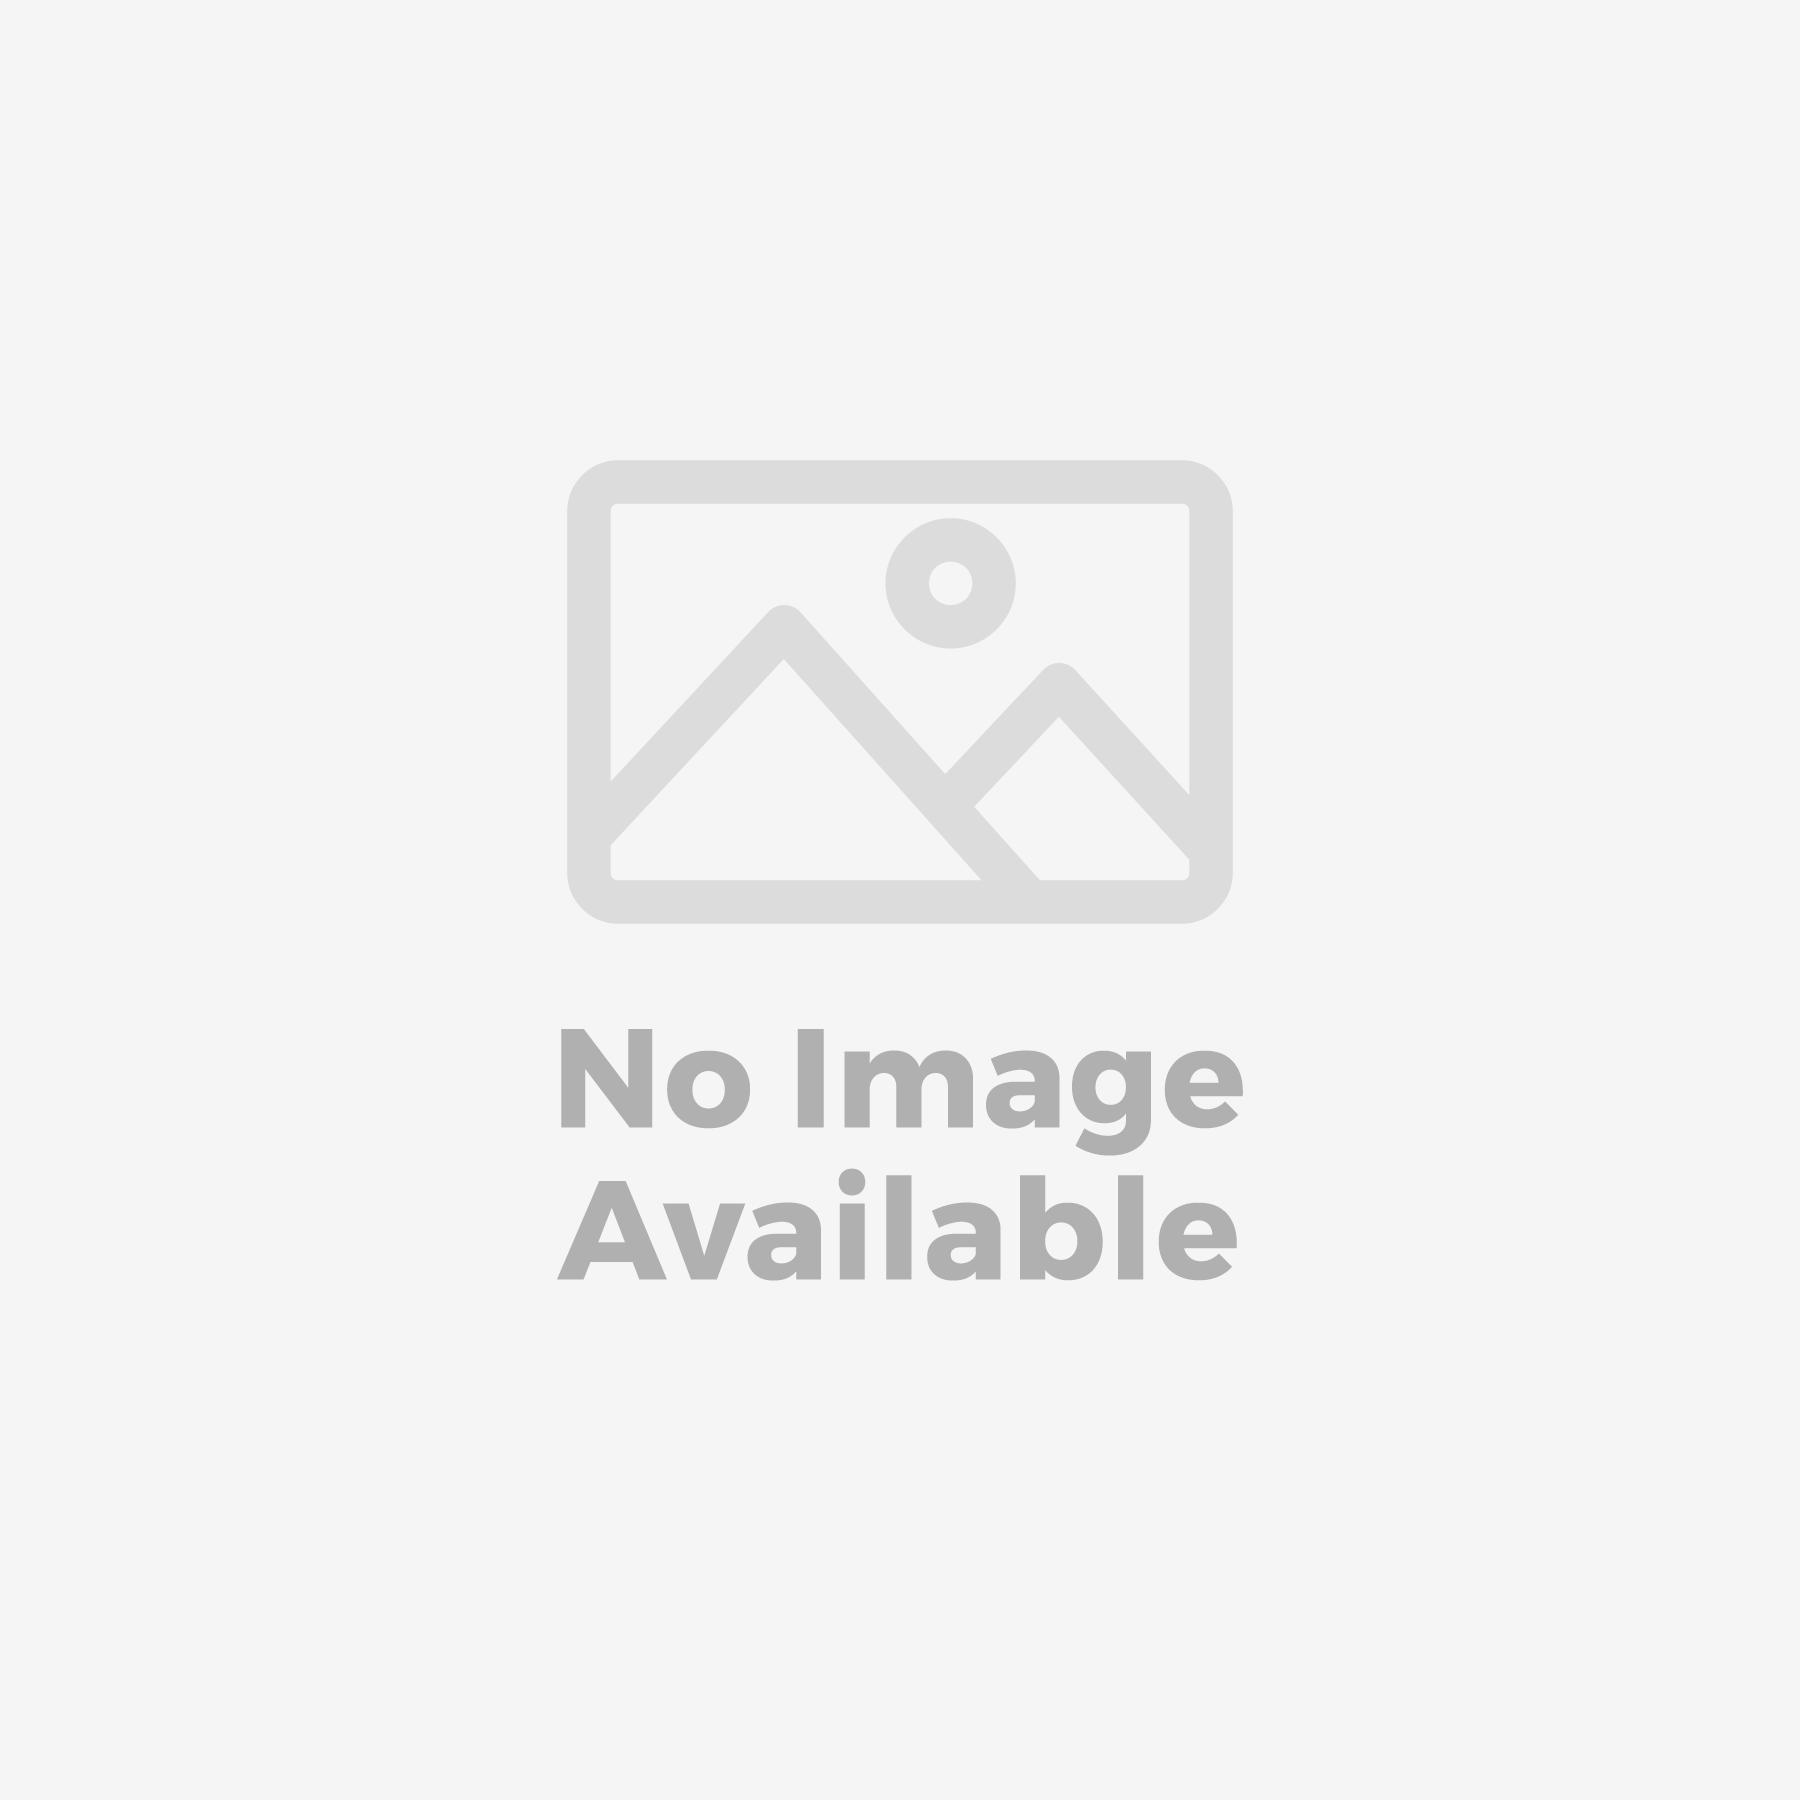 MINIMA - Wood Top Side Table